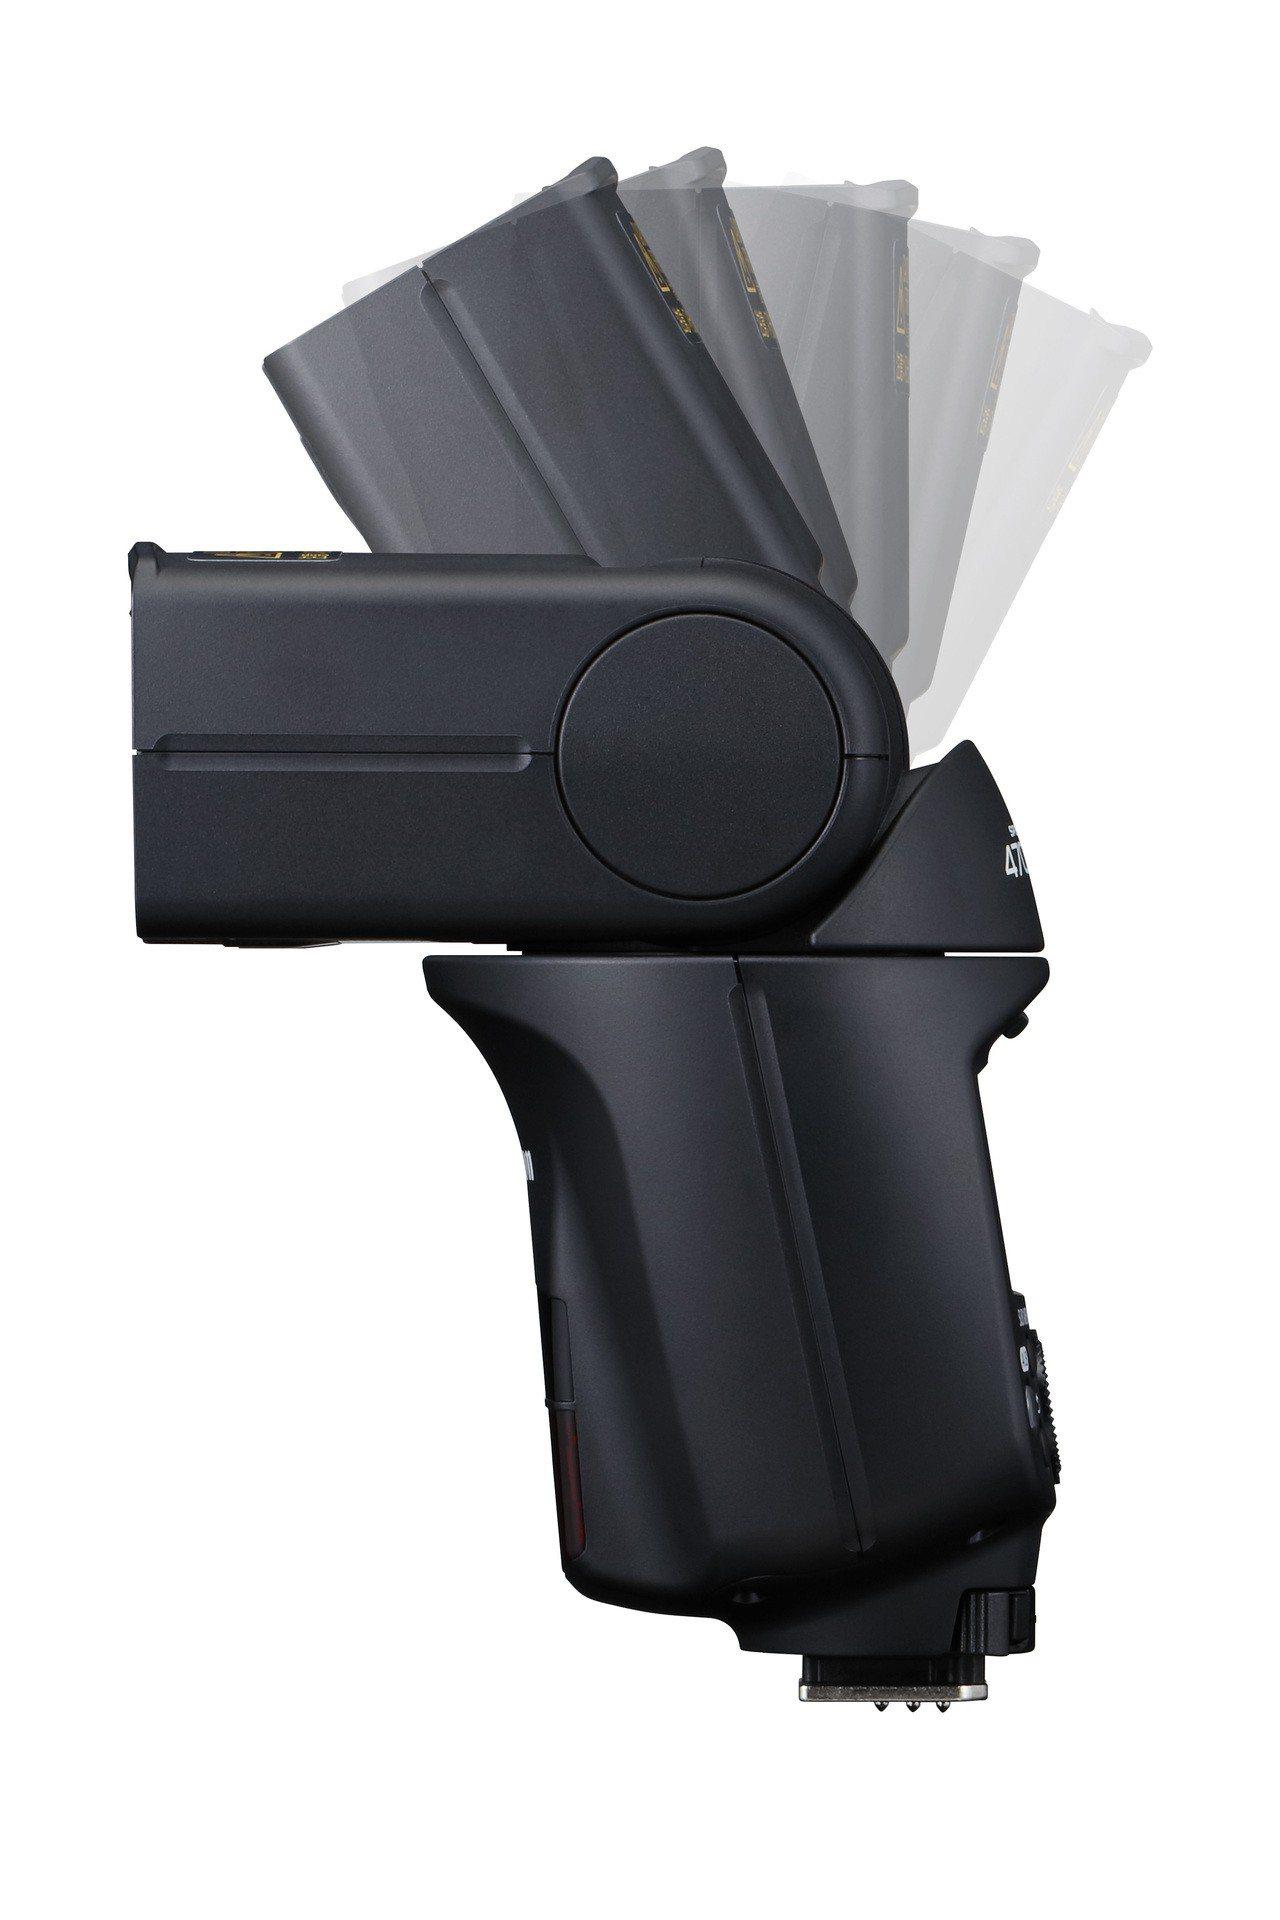 圖二、智慧閃光燈Speedlite 470EX-AI可分別向左或向右旋轉約180...